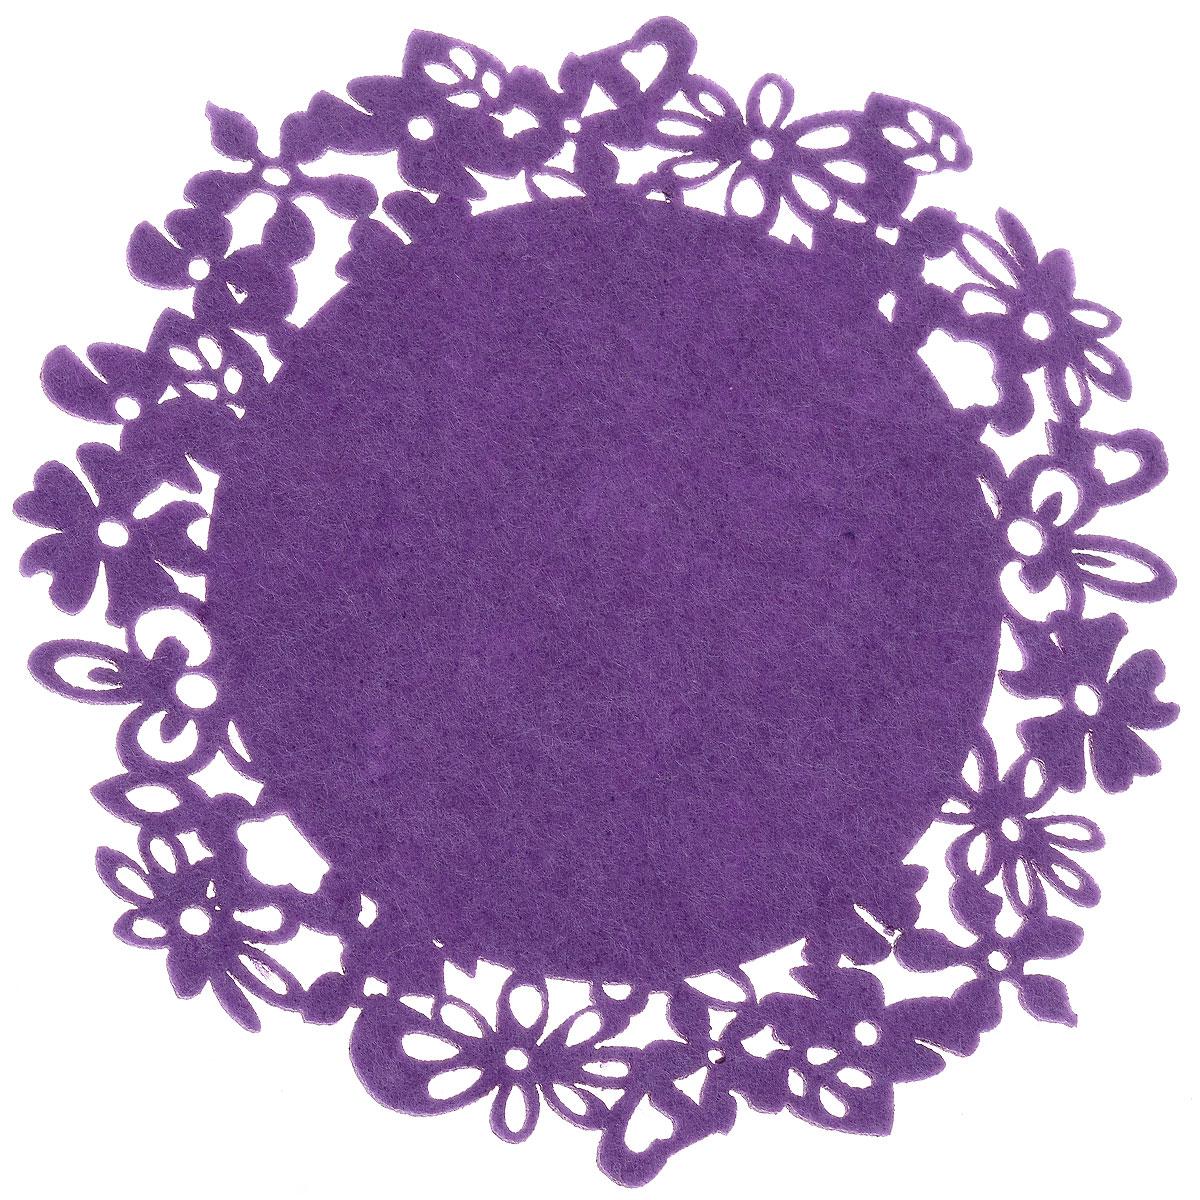 Салфетка-подставка под горячее Orange Цветы, цвет: сиреневый, диаметр 19,5 см54 009312Круглая салфетка-подставка под горячее Orange Цветы изготовлена из фетра и оформлена изысканной перфорацией в виде цветов. Такая салфетка прекрасно подойдет для украшения интерьера кухни, она сбережет стол от высоких температур и грязи.Диаметр: 19,5 см.